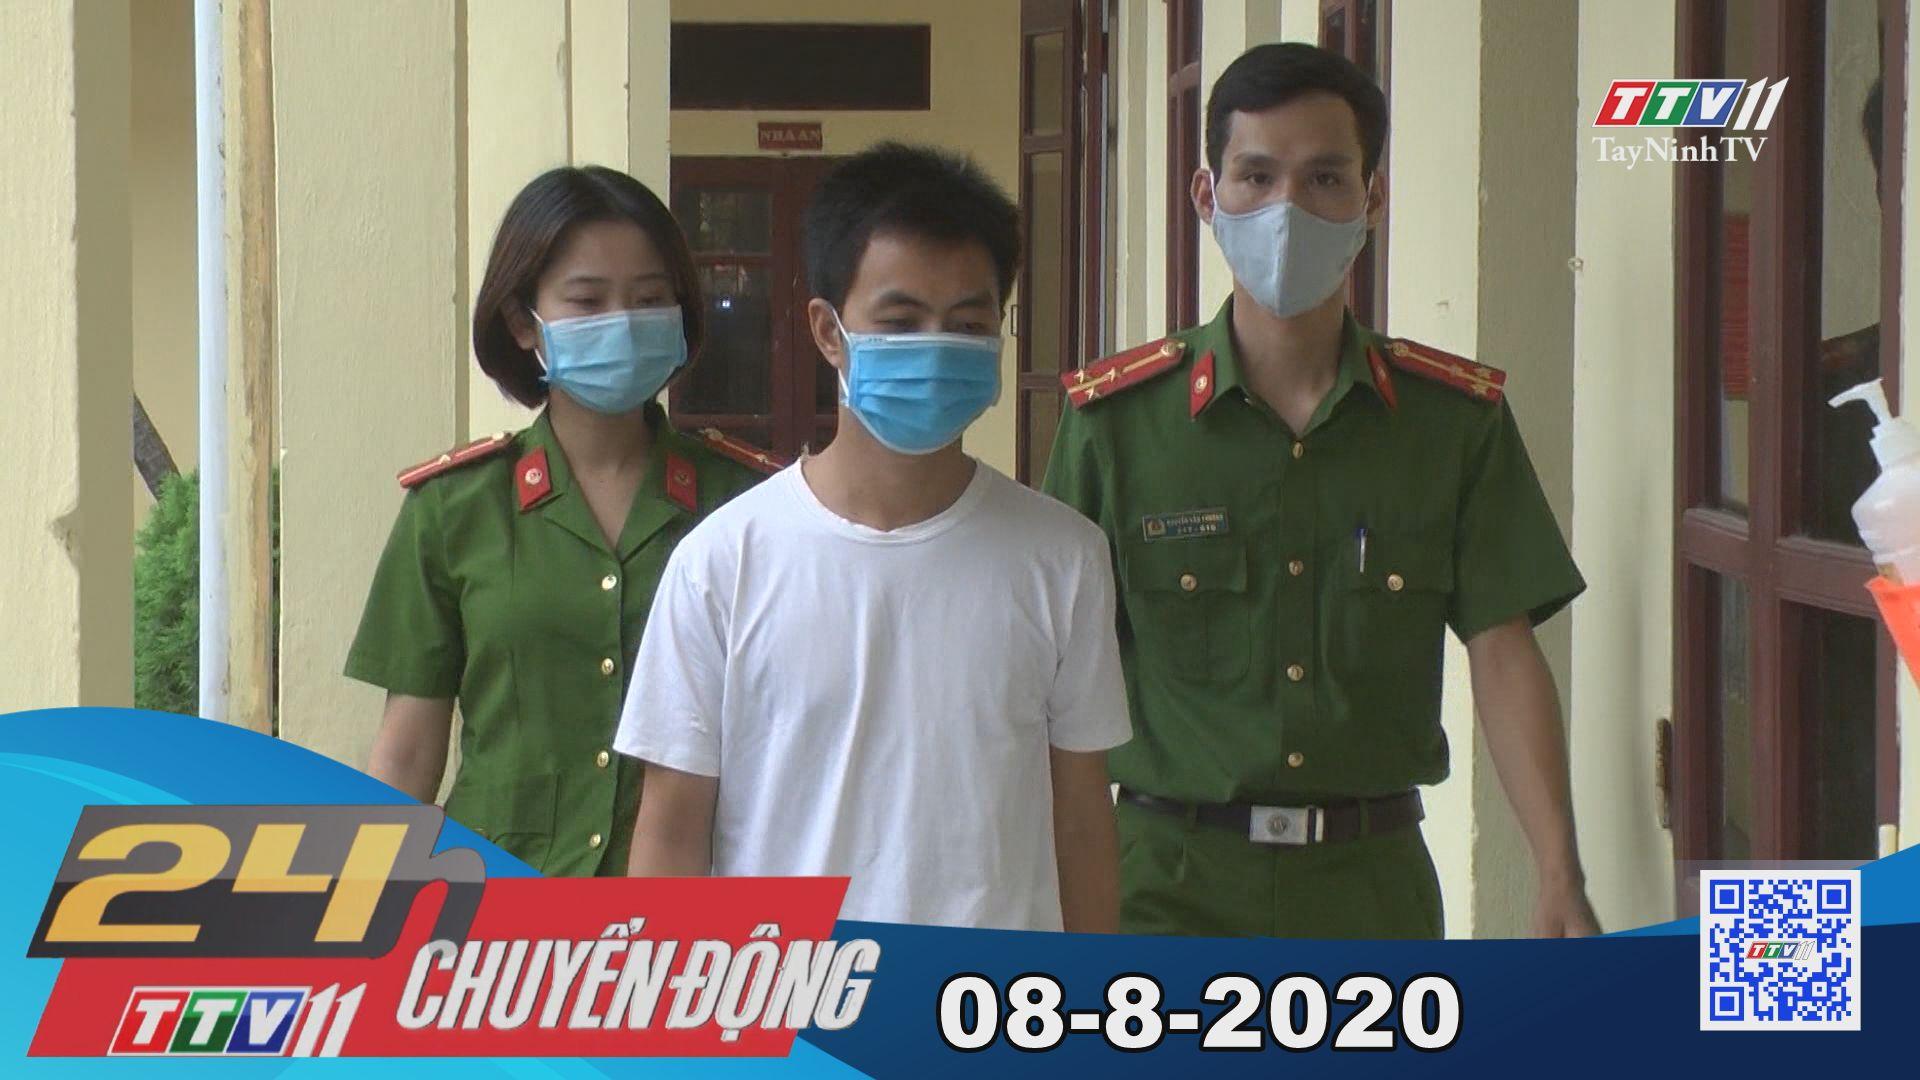 24h Chuyển động 08-8-2020 | Tin tức hôm nay | TayNinhTV